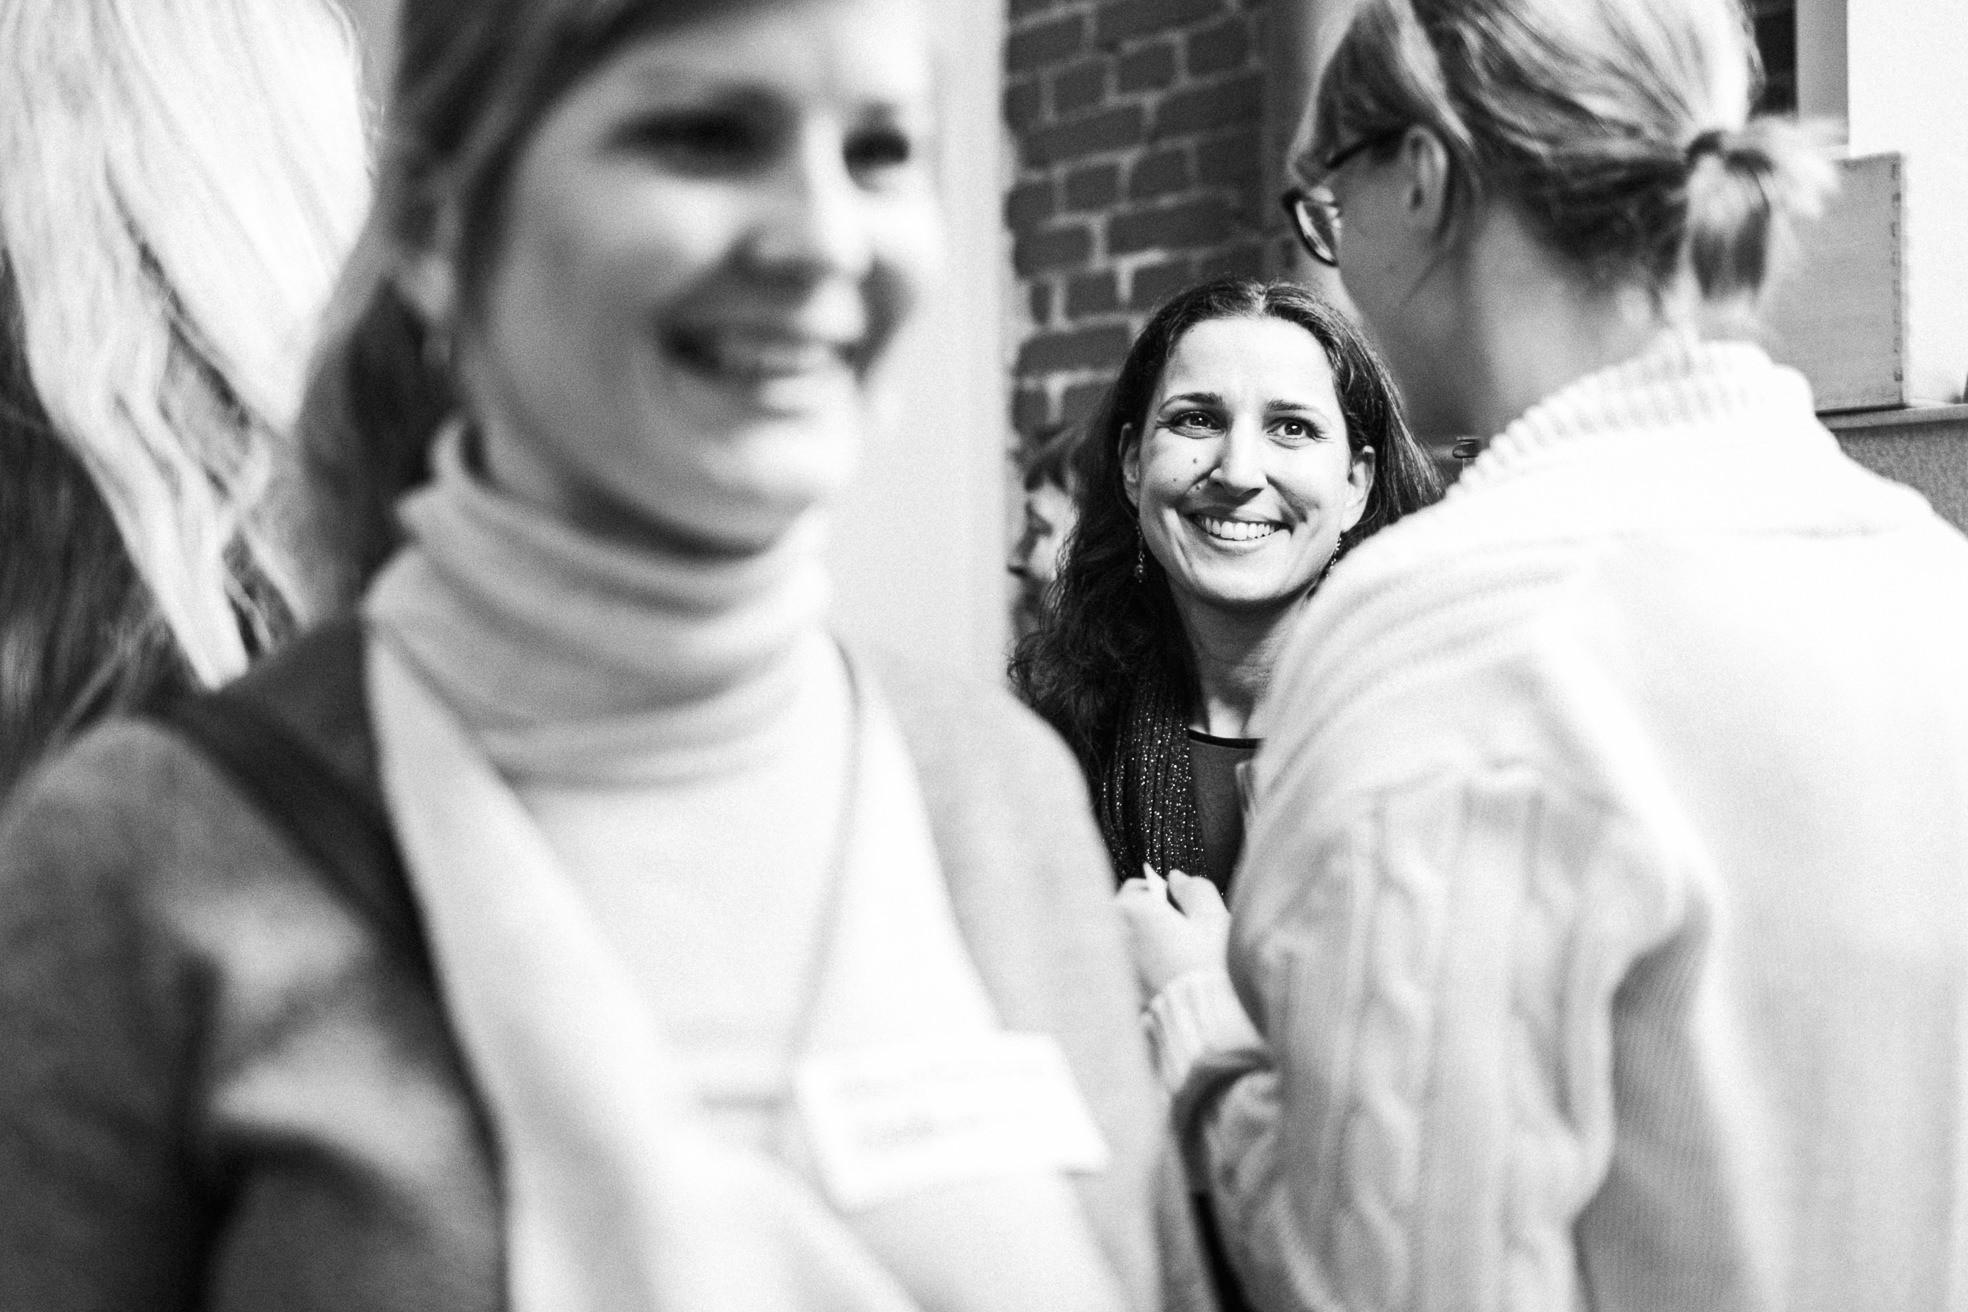 0032-Unternehmerinnen-Treffen-Anemoi--IM3C6784